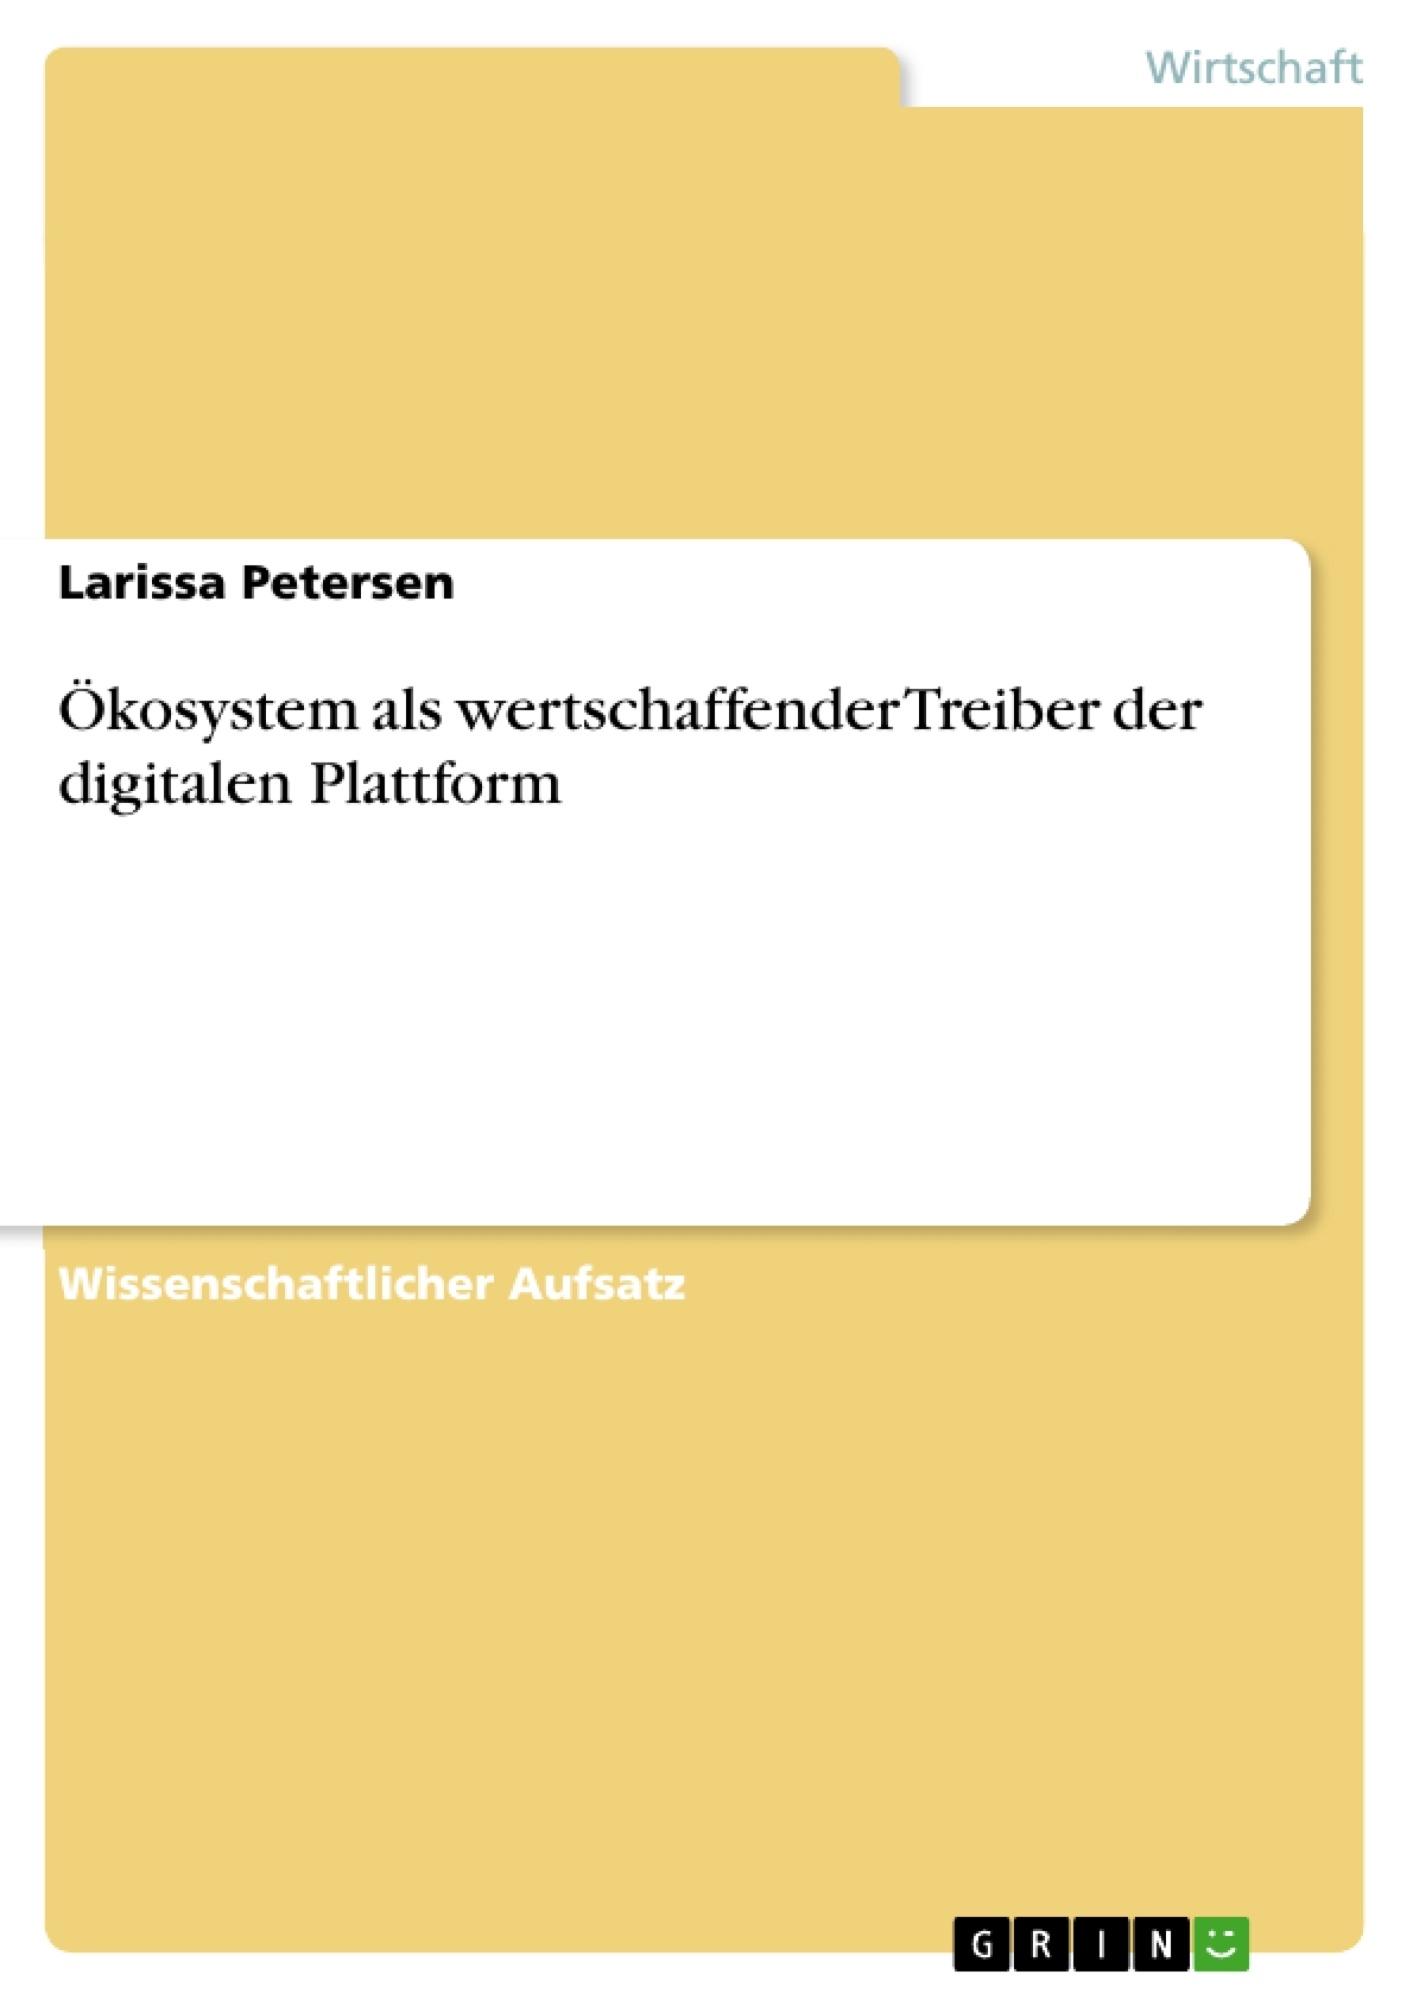 Titel: Ökosystem als wertschaffender Treiber der digitalen Plattform